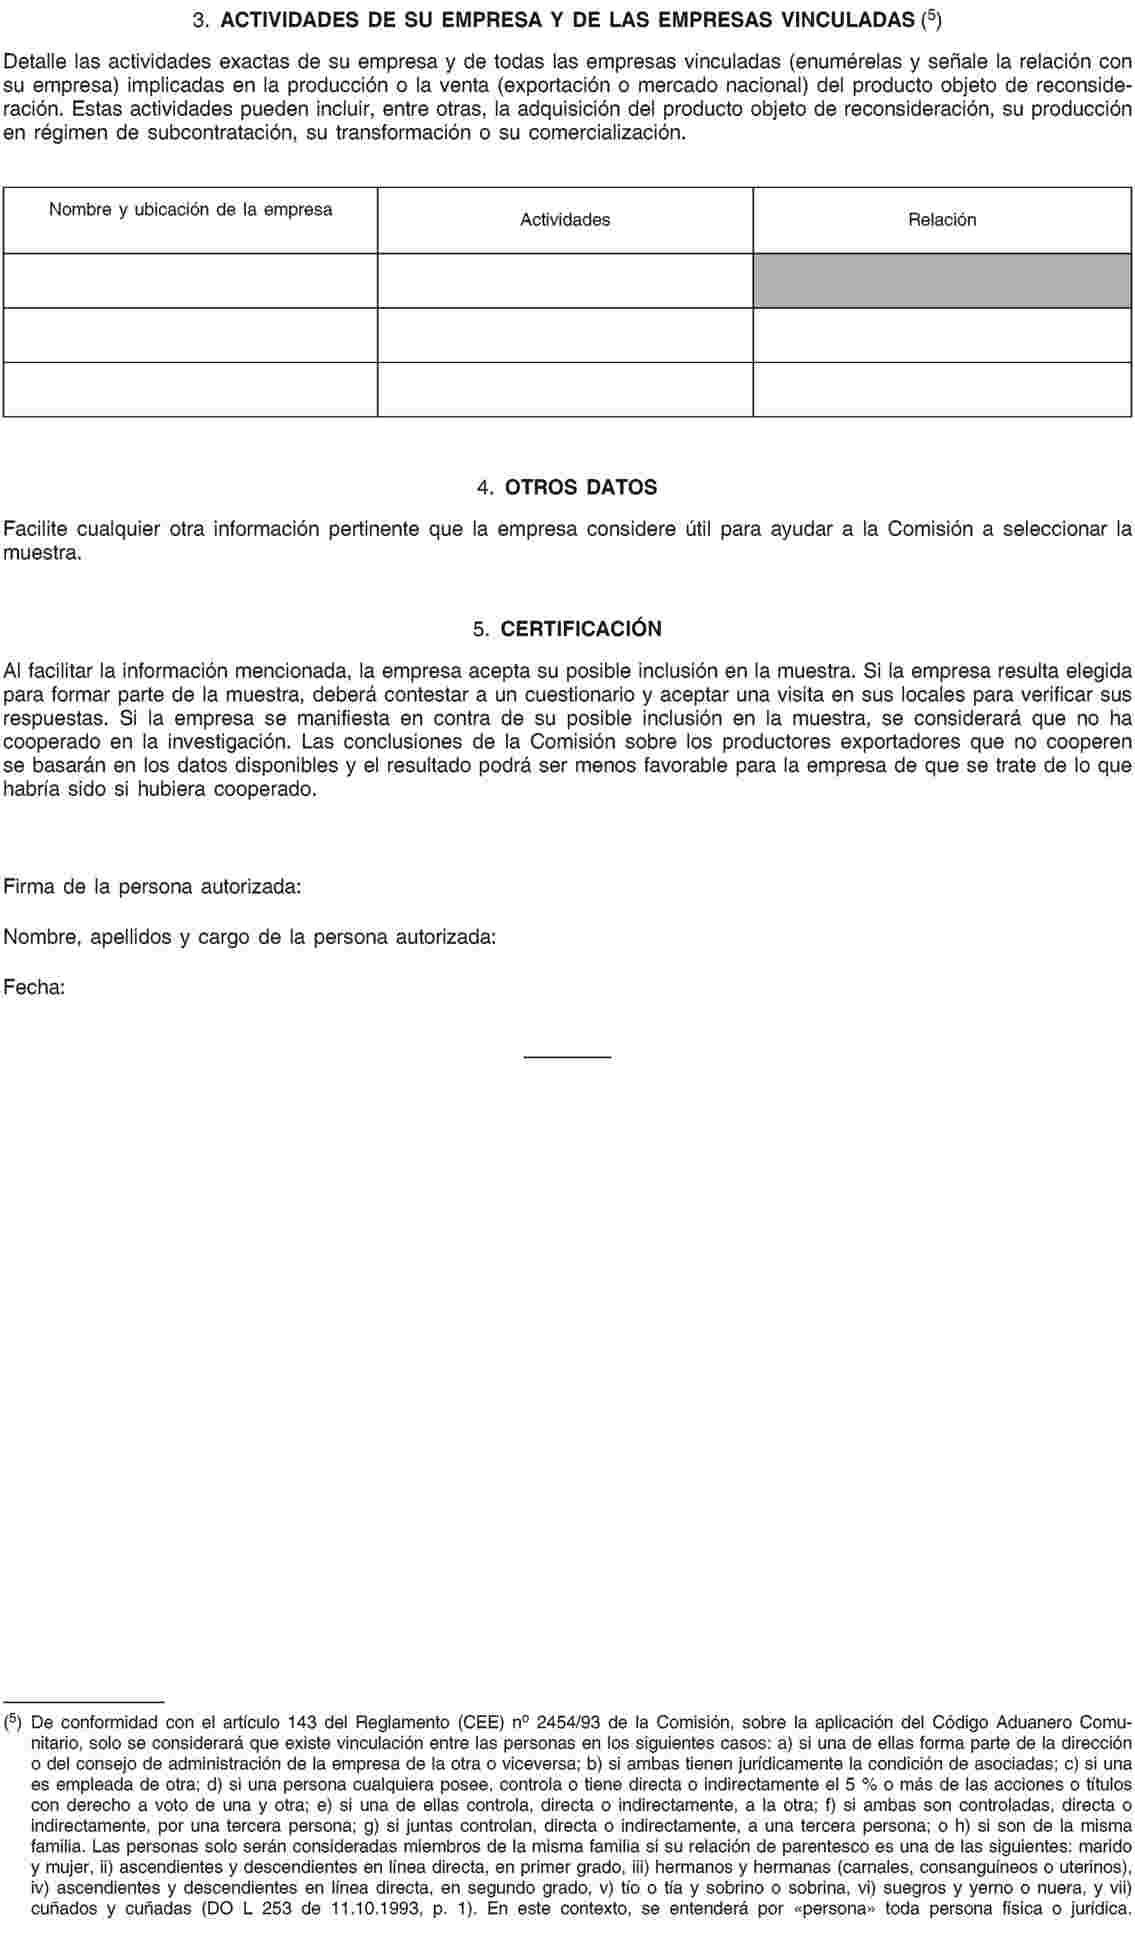 EUR-Lex - 52013XC1130(04) - EN - EUR-Lex